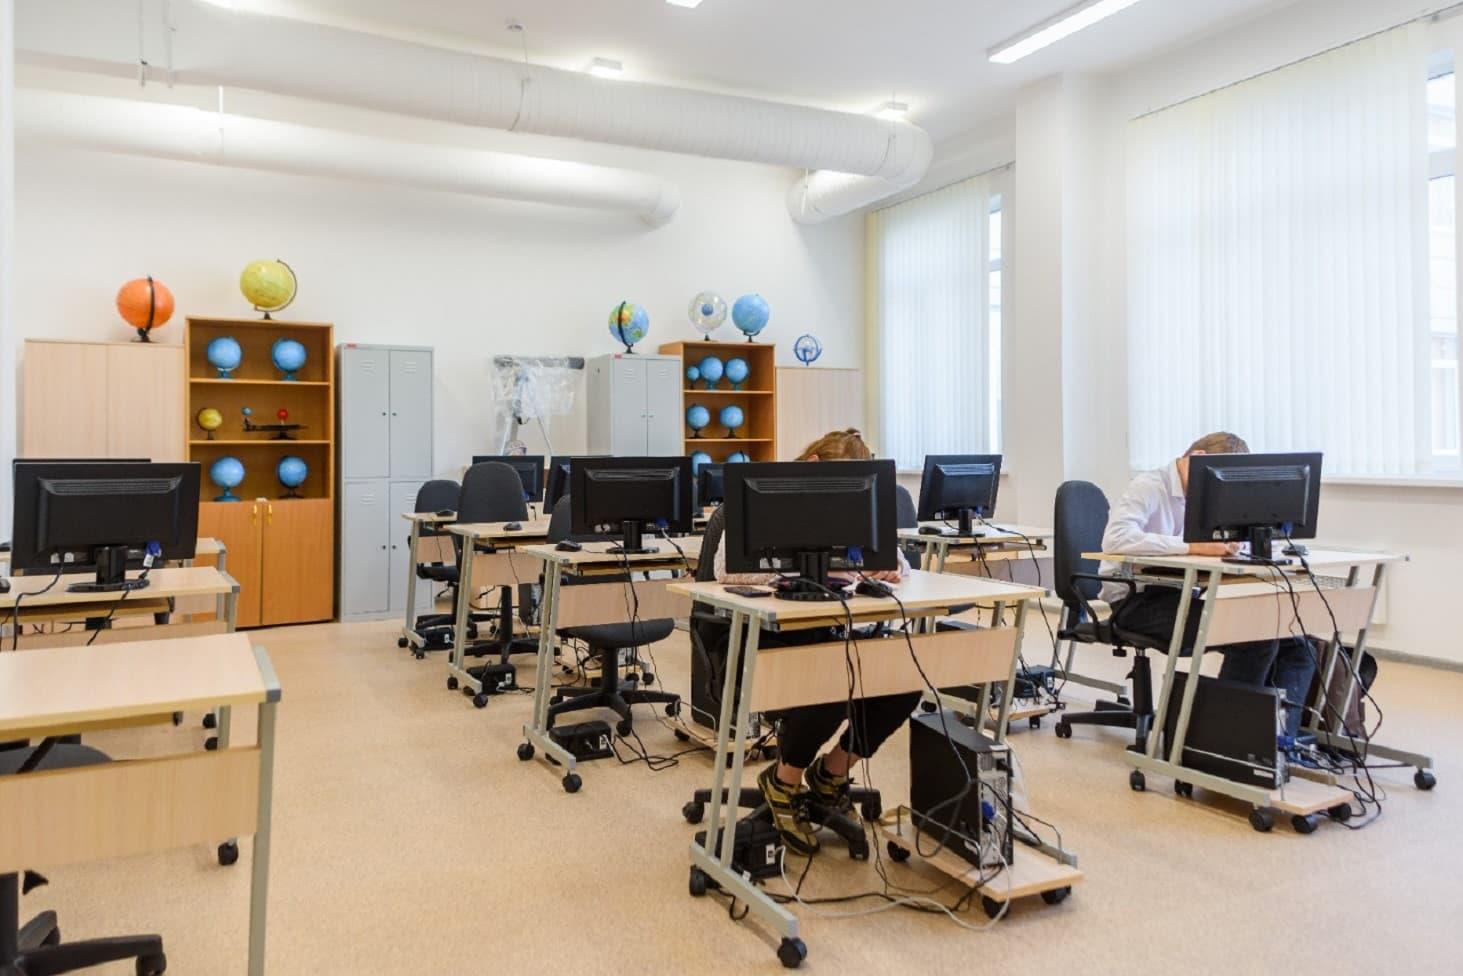 v-rossii-zapuskayut-novuyu-programmu-stroitelstva-shkol